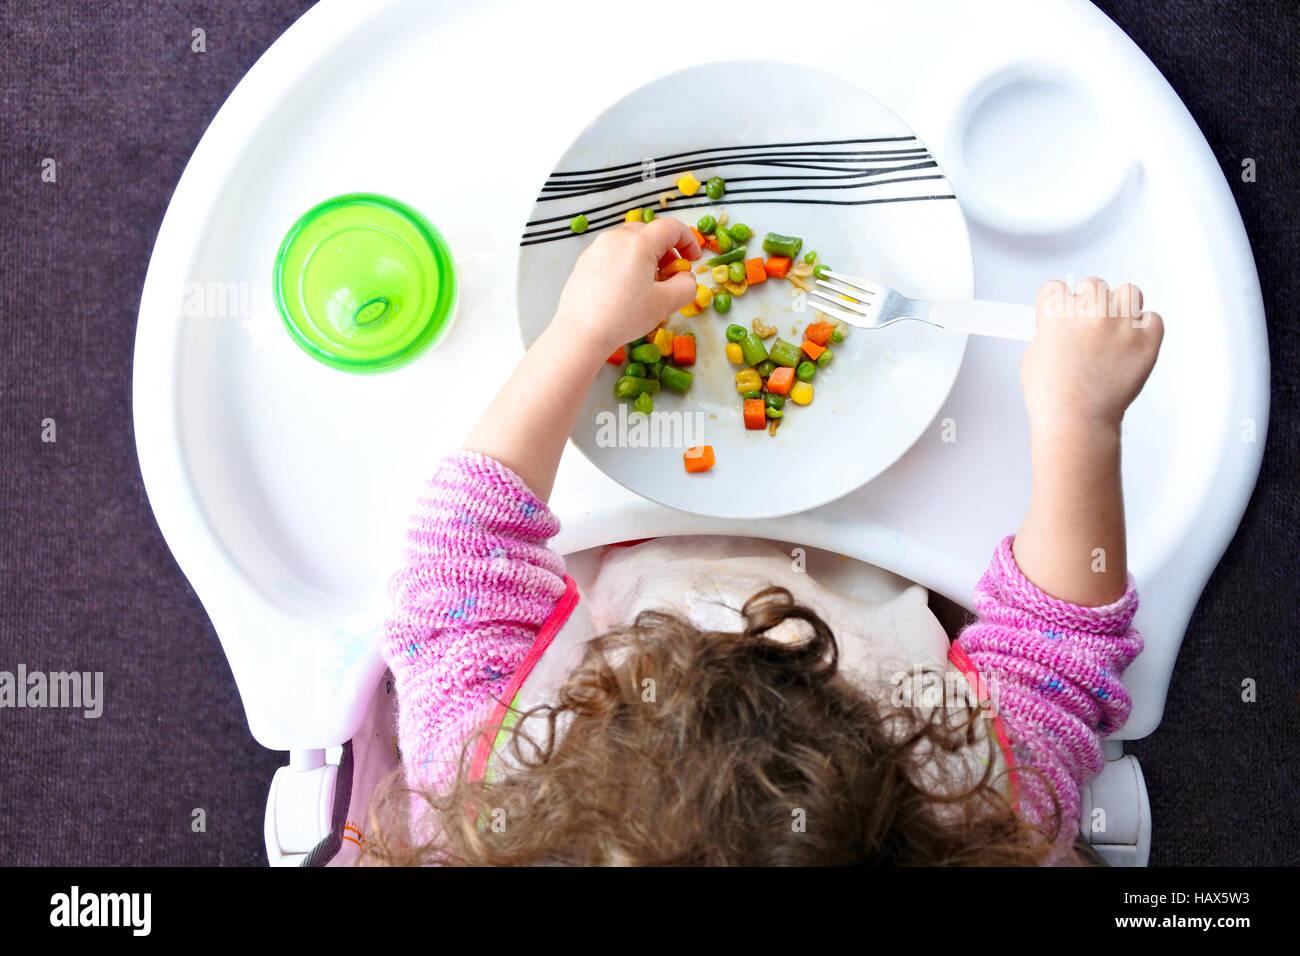 Acima vista da um pouco de criança para criança come legumes. A infância e a saúde das crianças Imagens de Stock